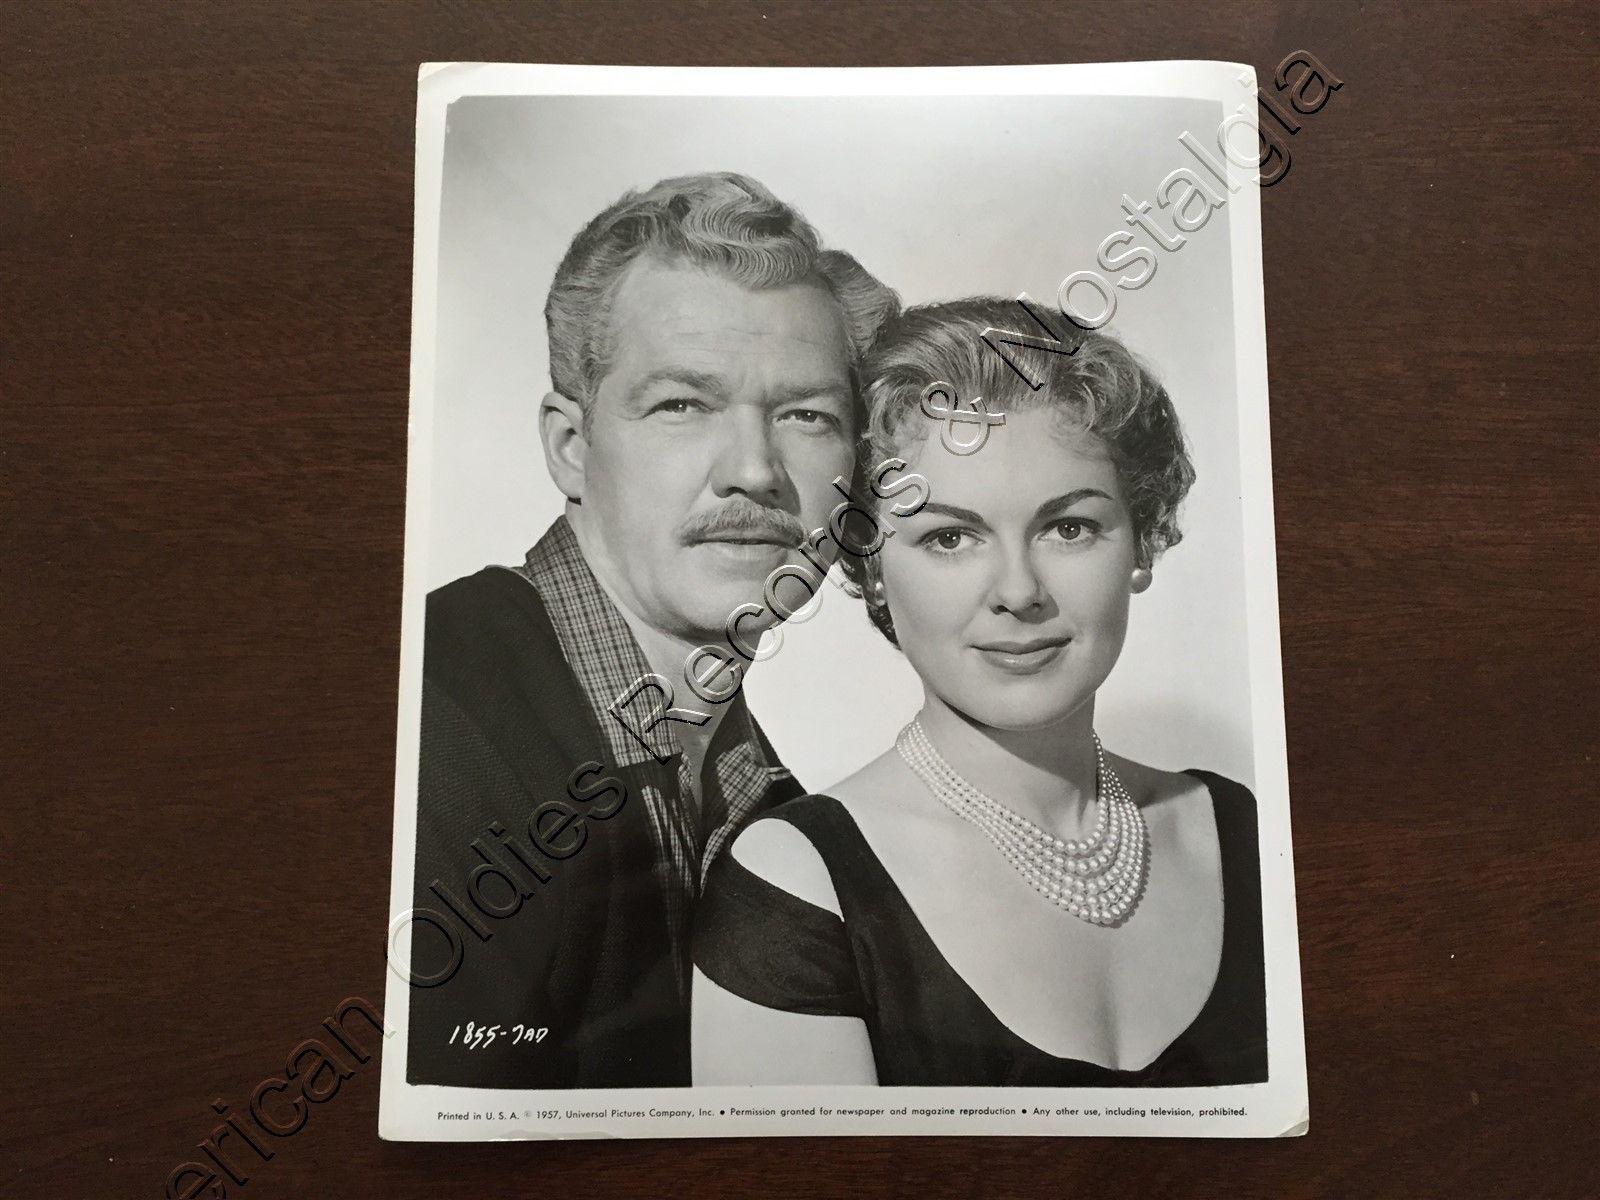 Actor(s)/Actress(es) BILL WILLIAMS & BARBARA HALE. Year